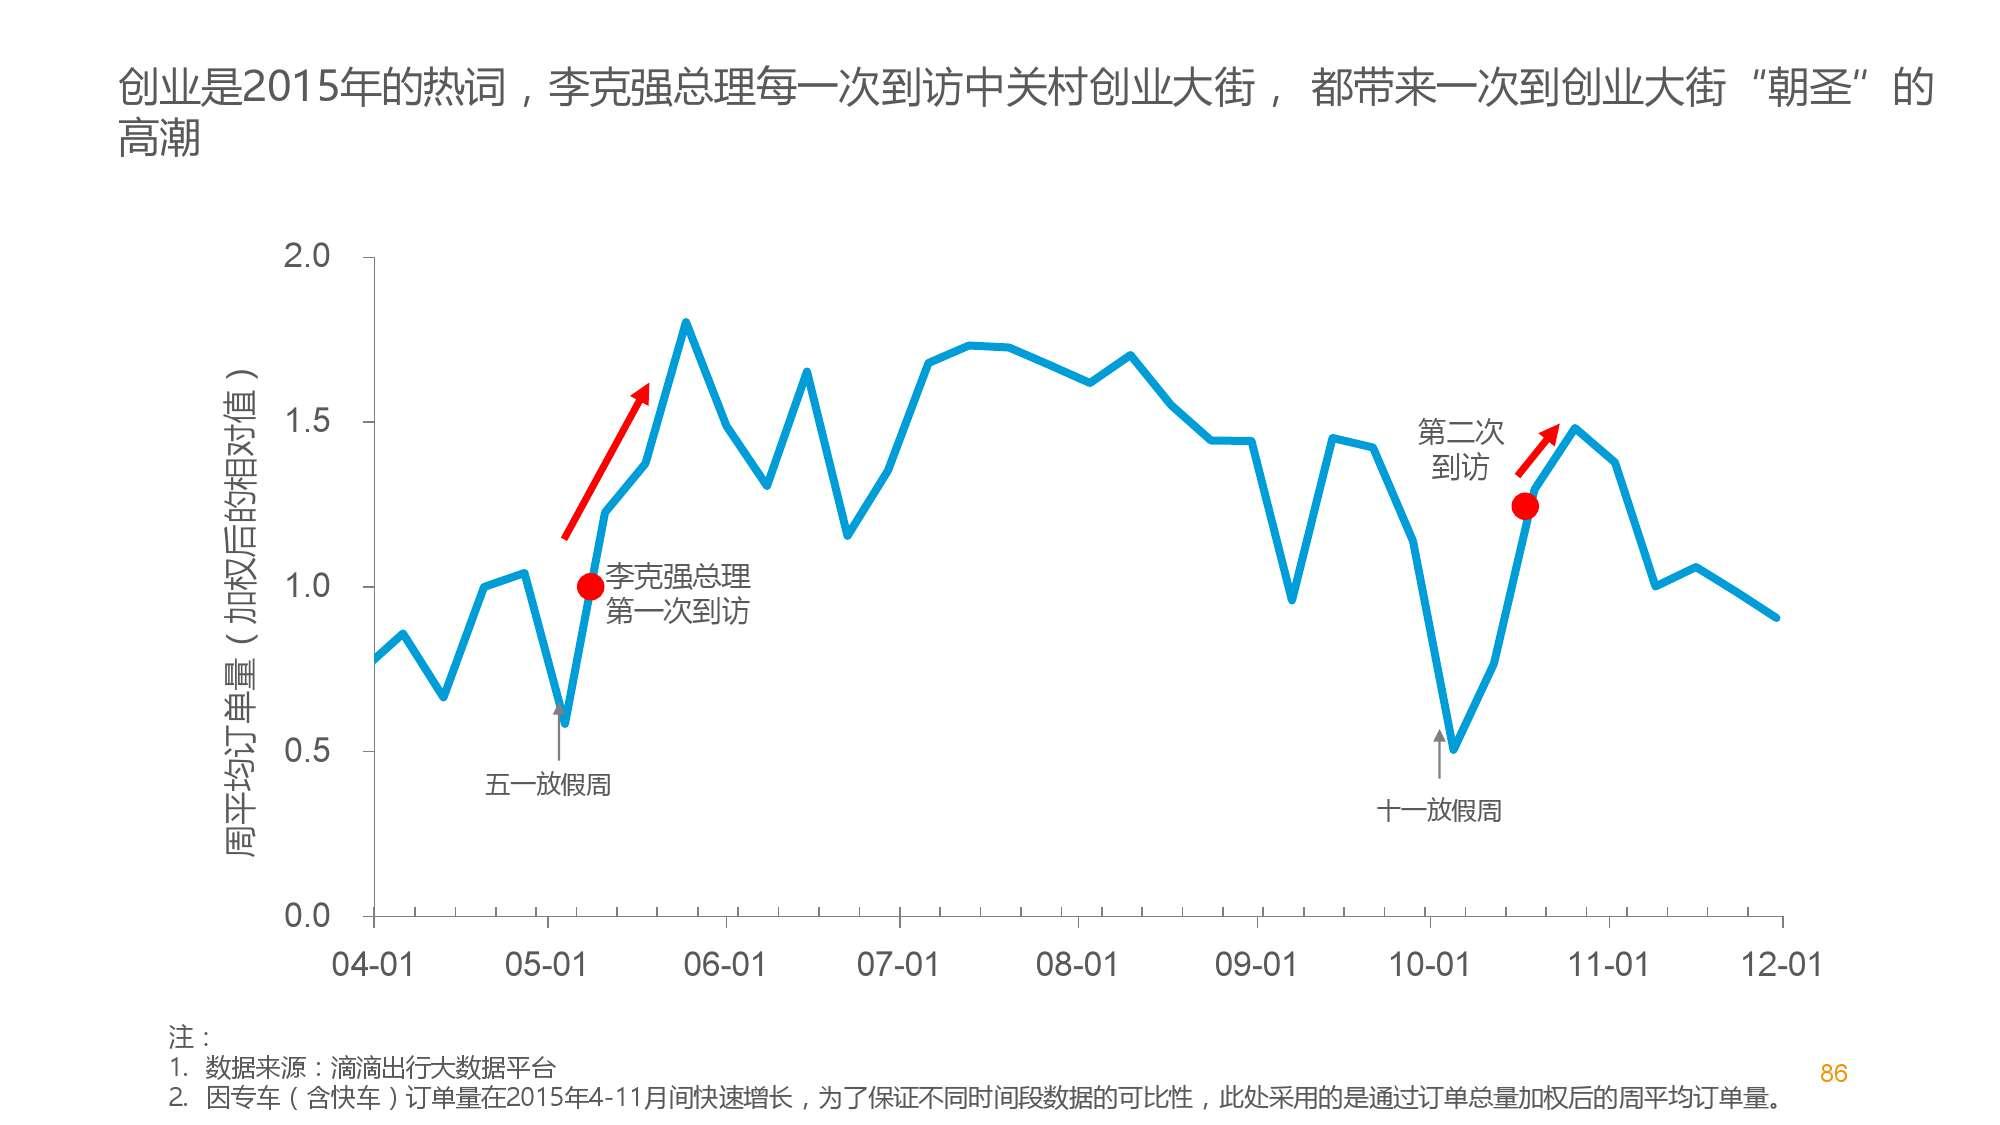 中国智能出行2015大数据报告_000087